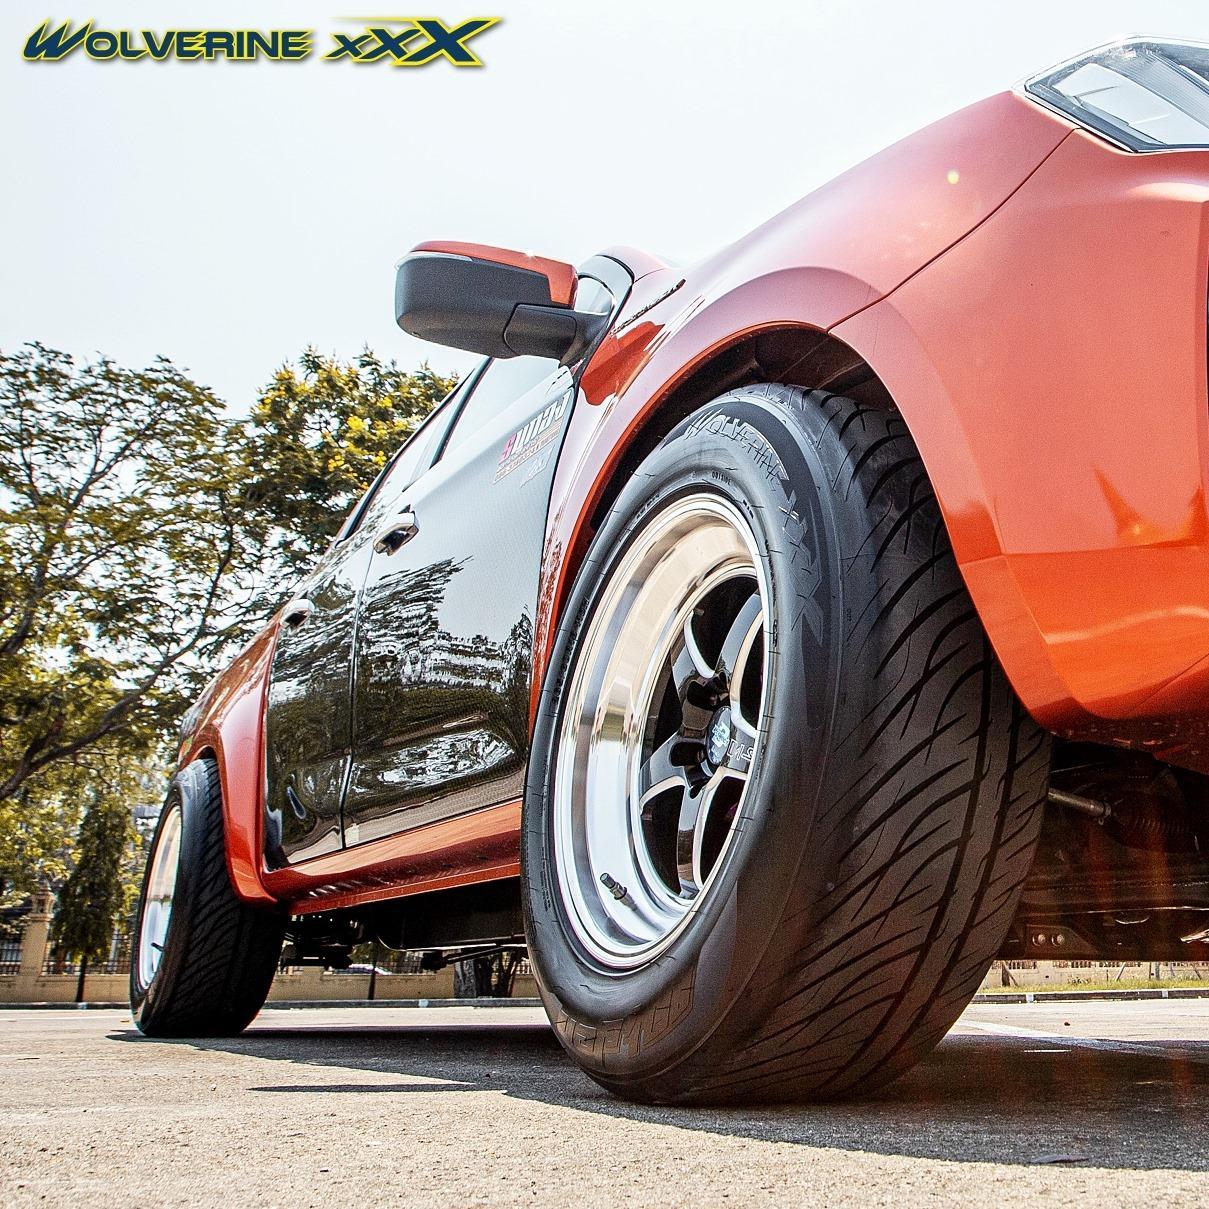 Raiden Wolverine XXX - новая стильная «обувь» для пикапов из Таиланда